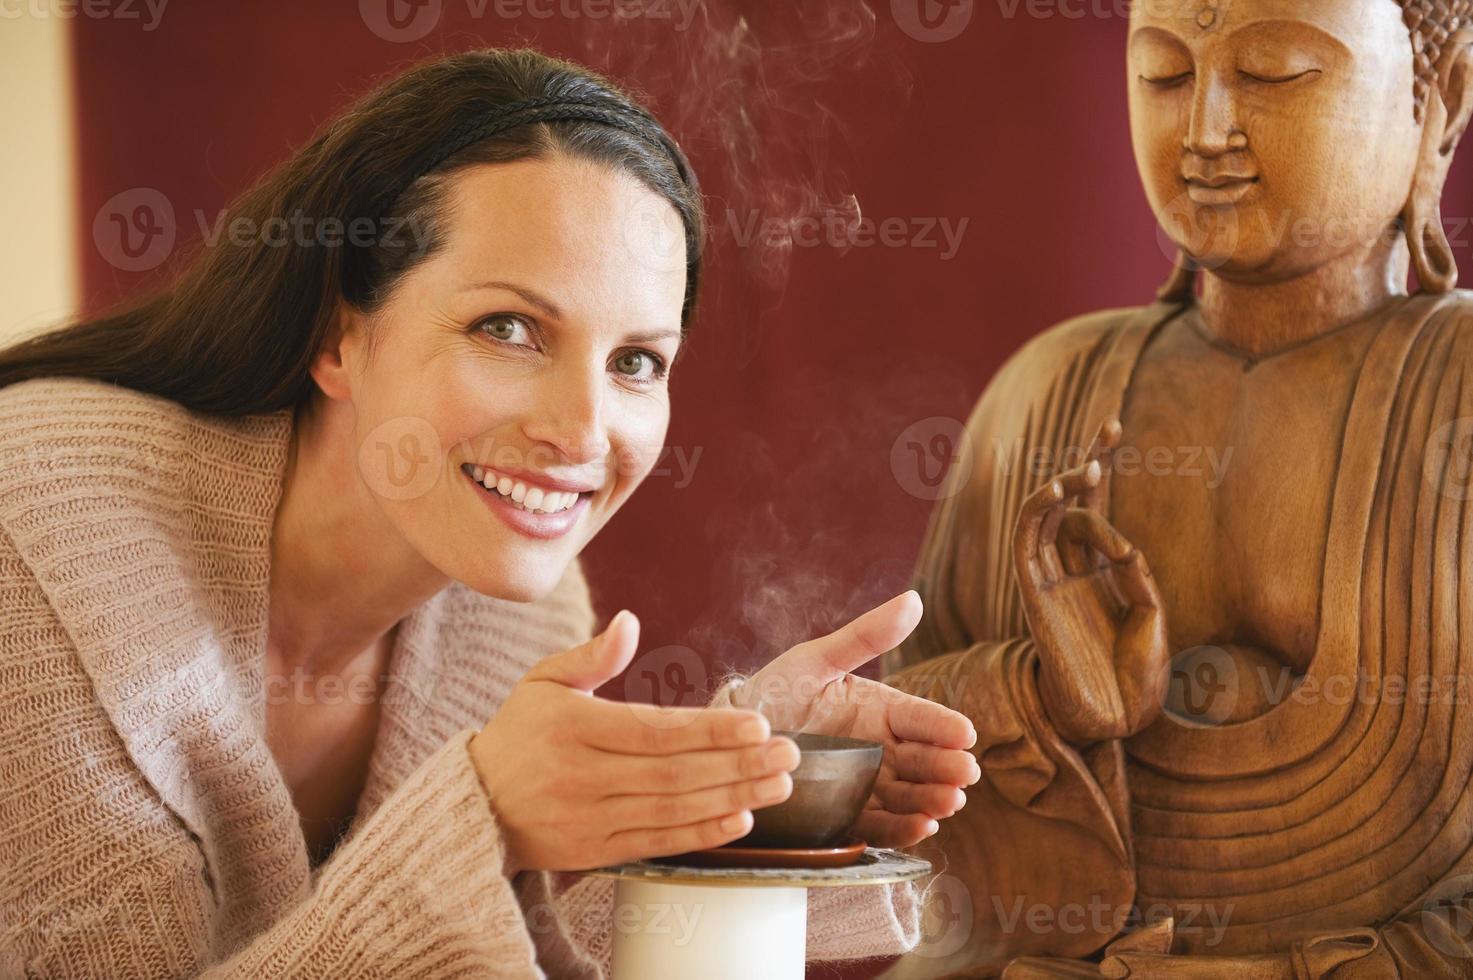 mulher morena, apreciando a estátua de Buda de perfume do incenso no fundo foto